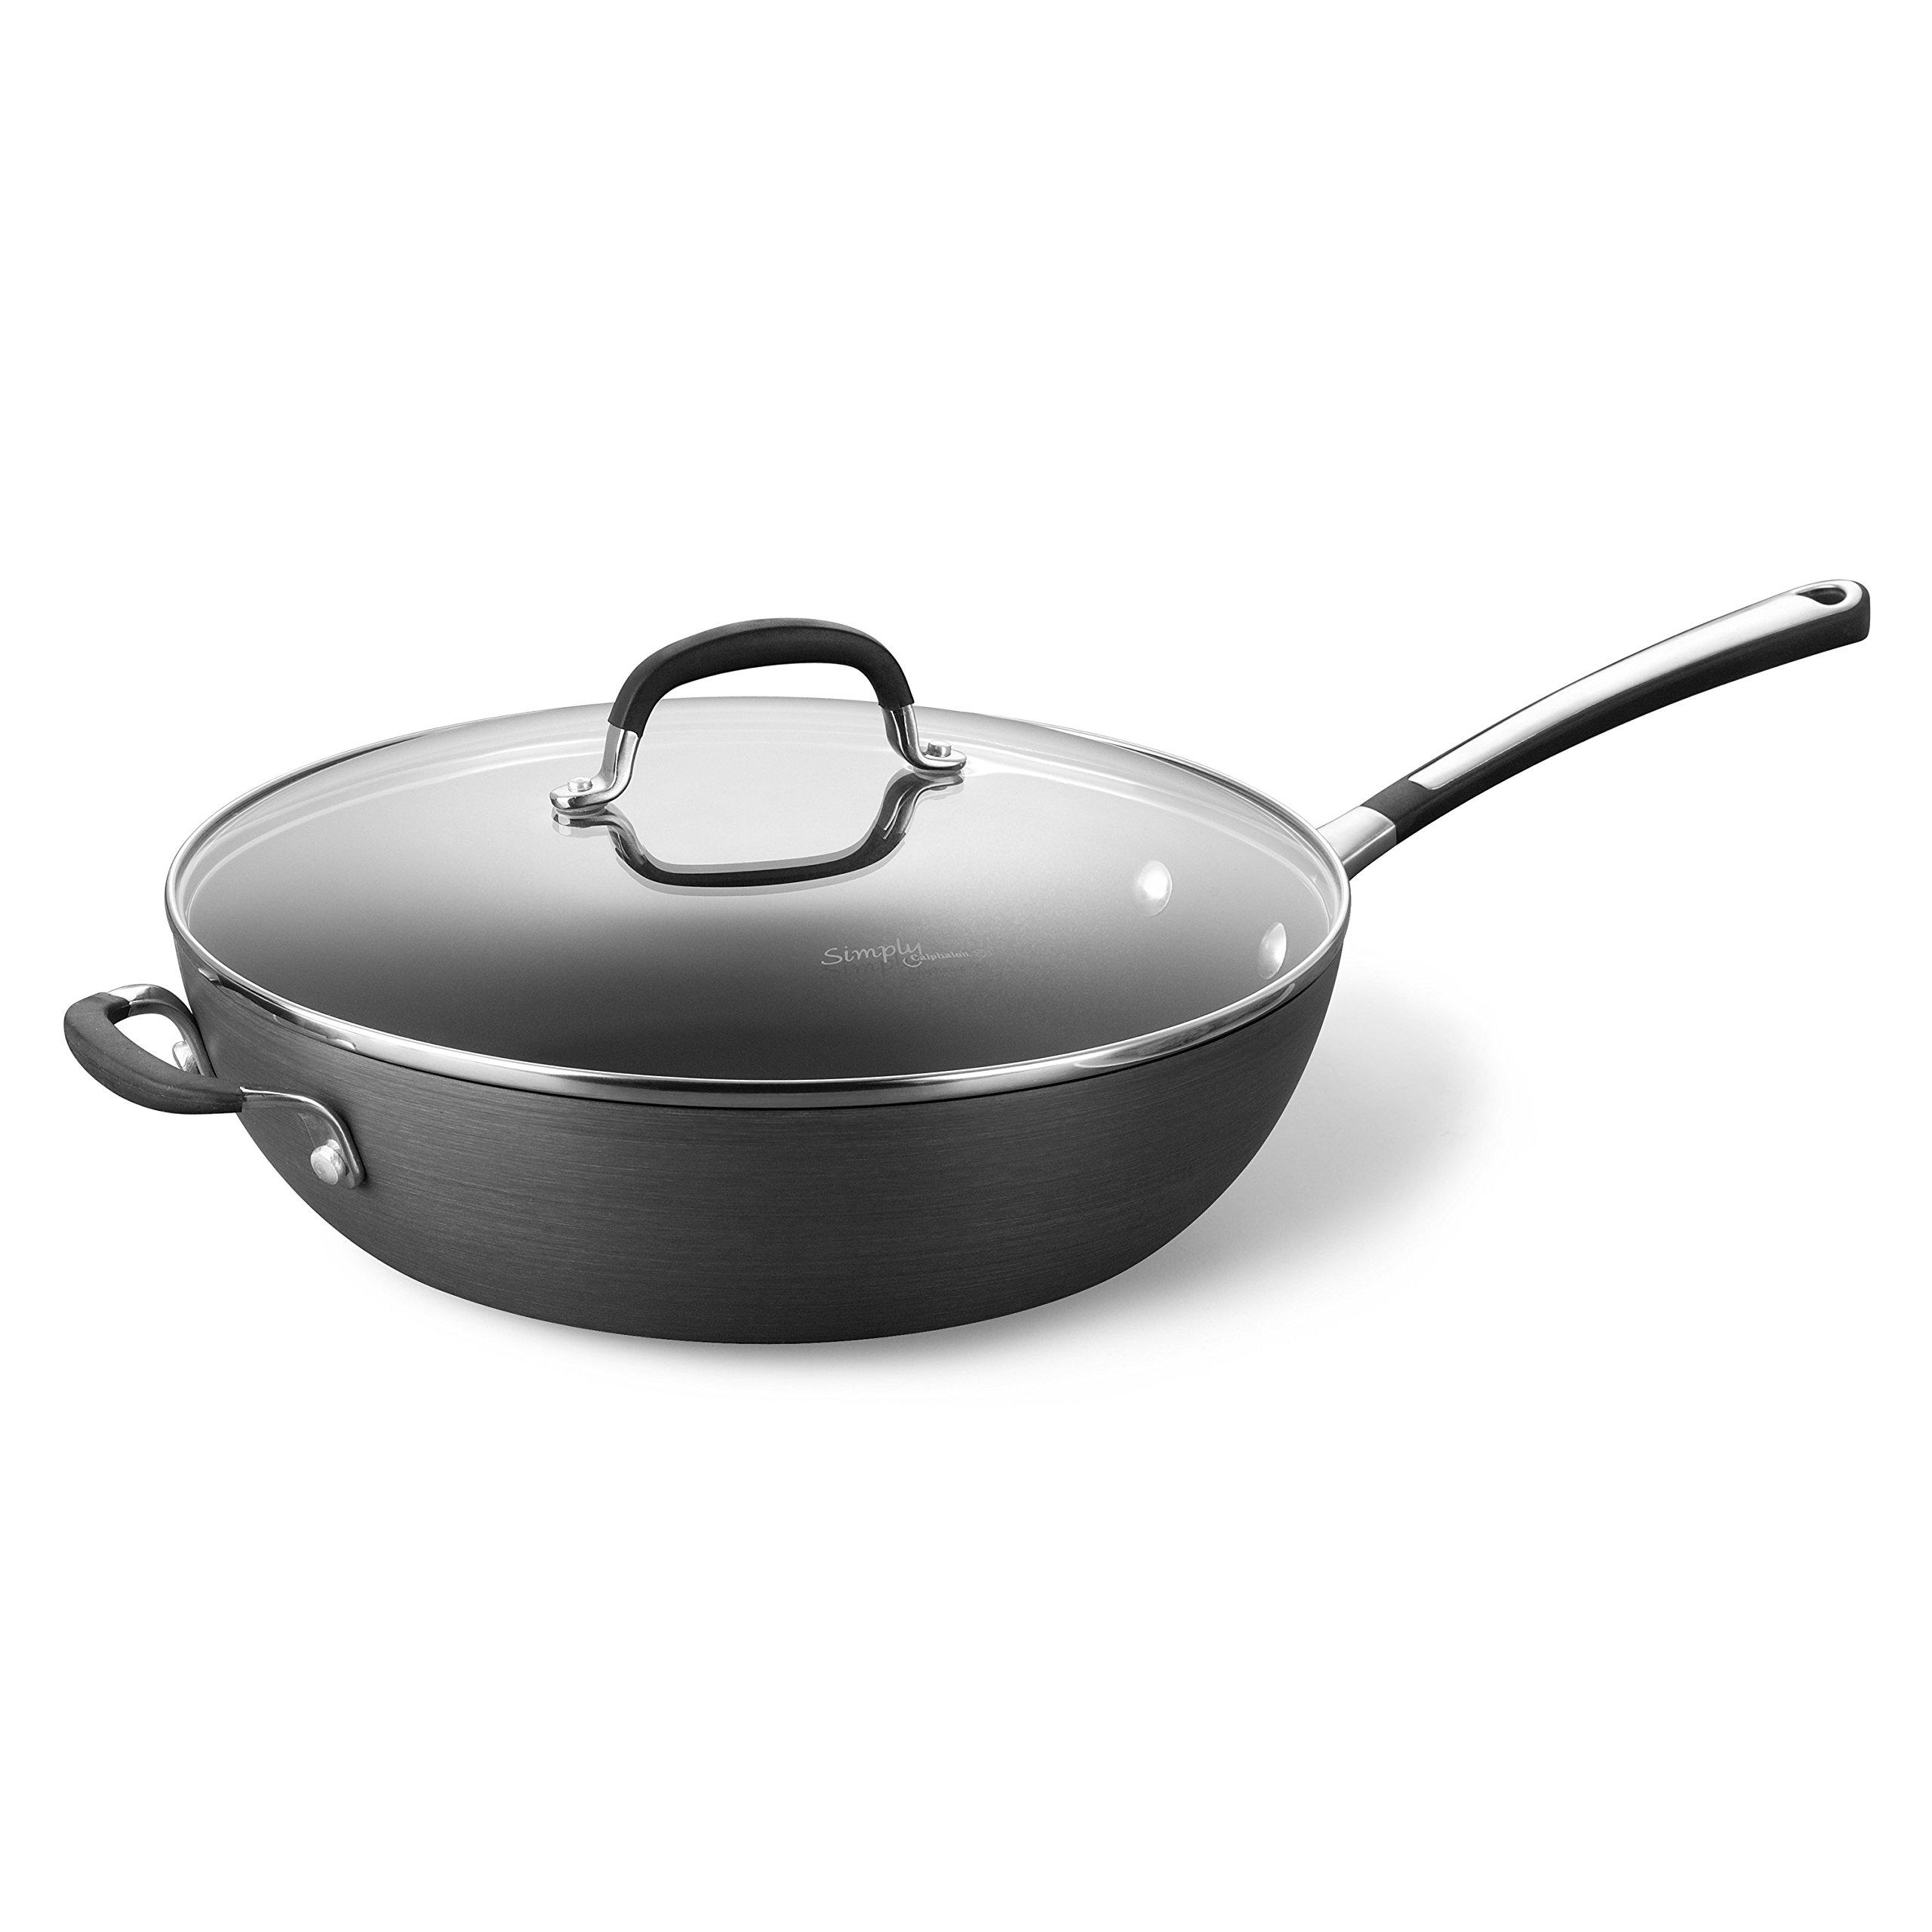 Simply Calphalon Nonstick 12'' Jumbo Deep Fry Pan